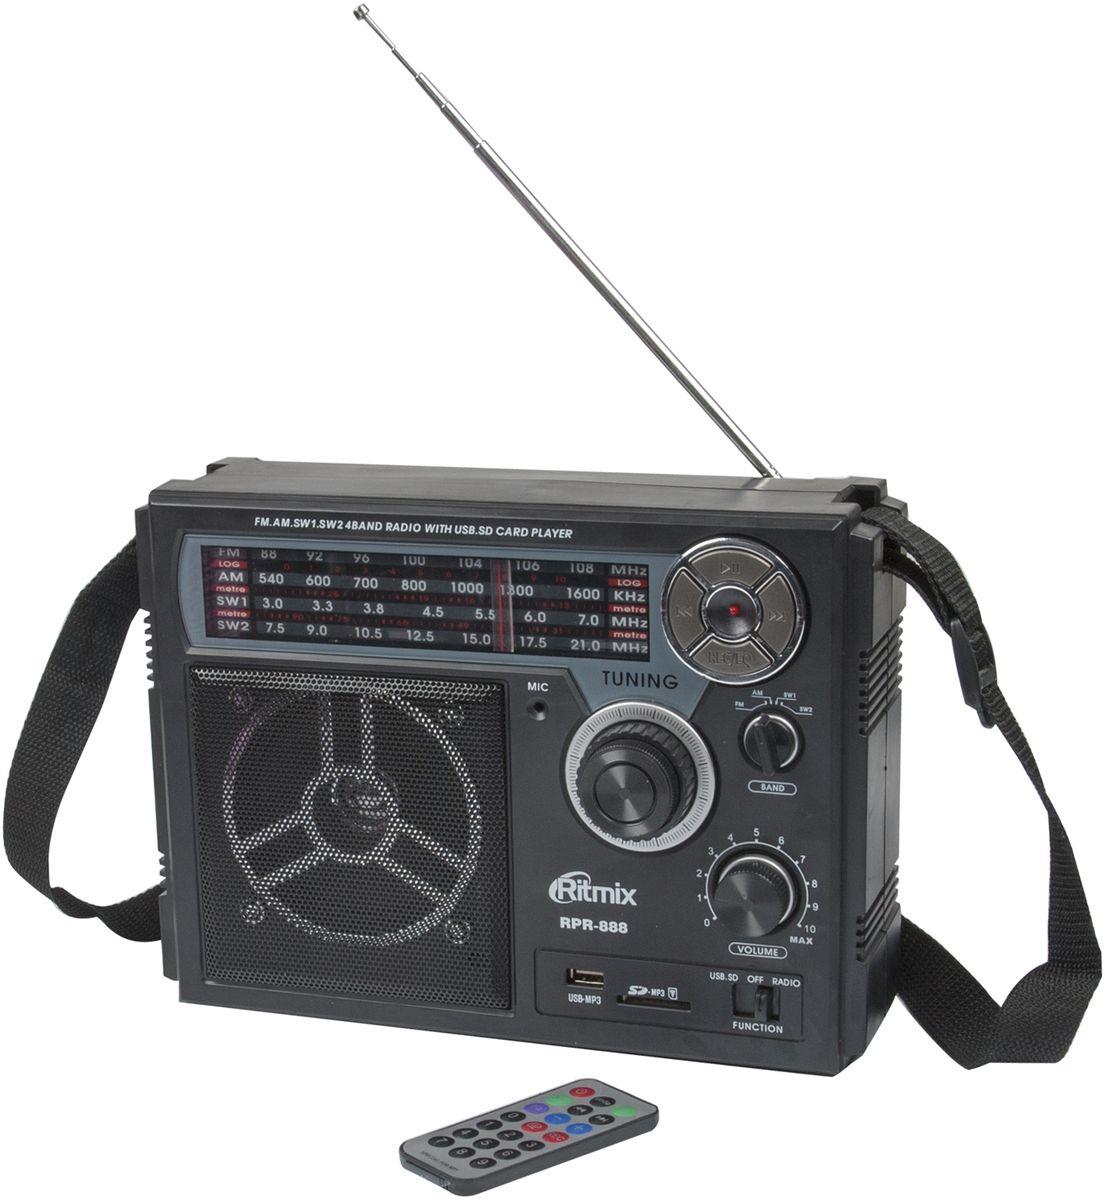 Ritmix RPR-888, Black радиоприемникRPR-888Ritmix RPR-888 – полноразмерный четырехдиапазонный радиоприёмник с функцией mp3-плеера и диктофона. Устройство может работать как от сети, так и автономно – от встроенного аккумулятора или батареек.